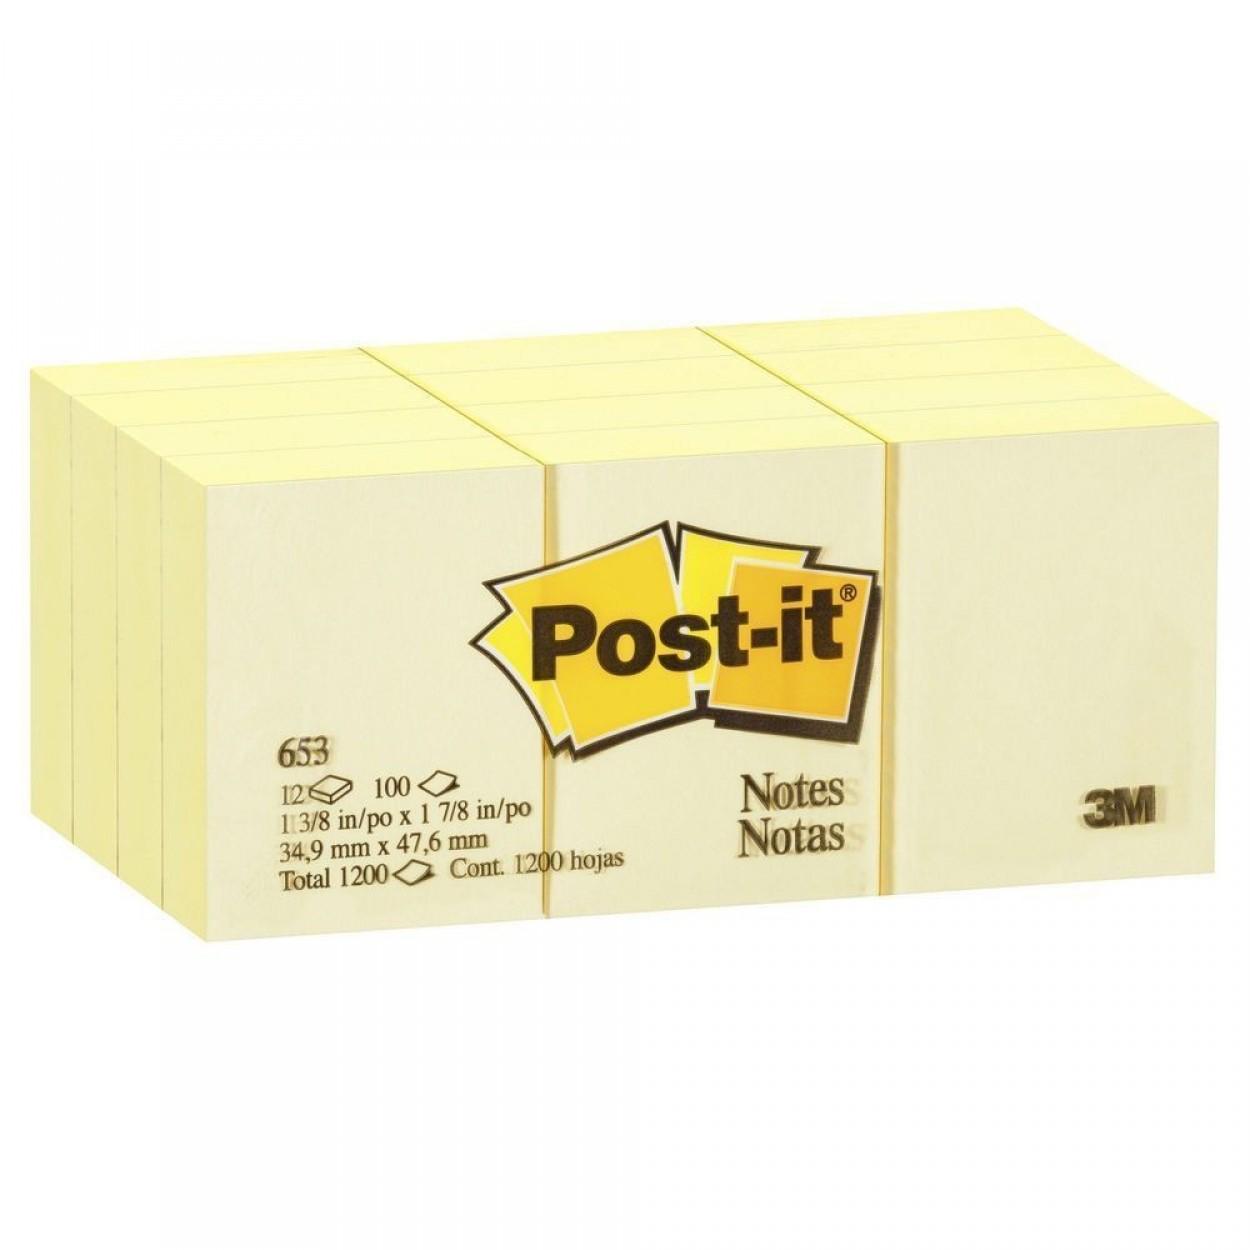 3M Post-it 653 Sarı Not Kağıdı 38mm x 51mm 100 Yaprak 12'Li Paket